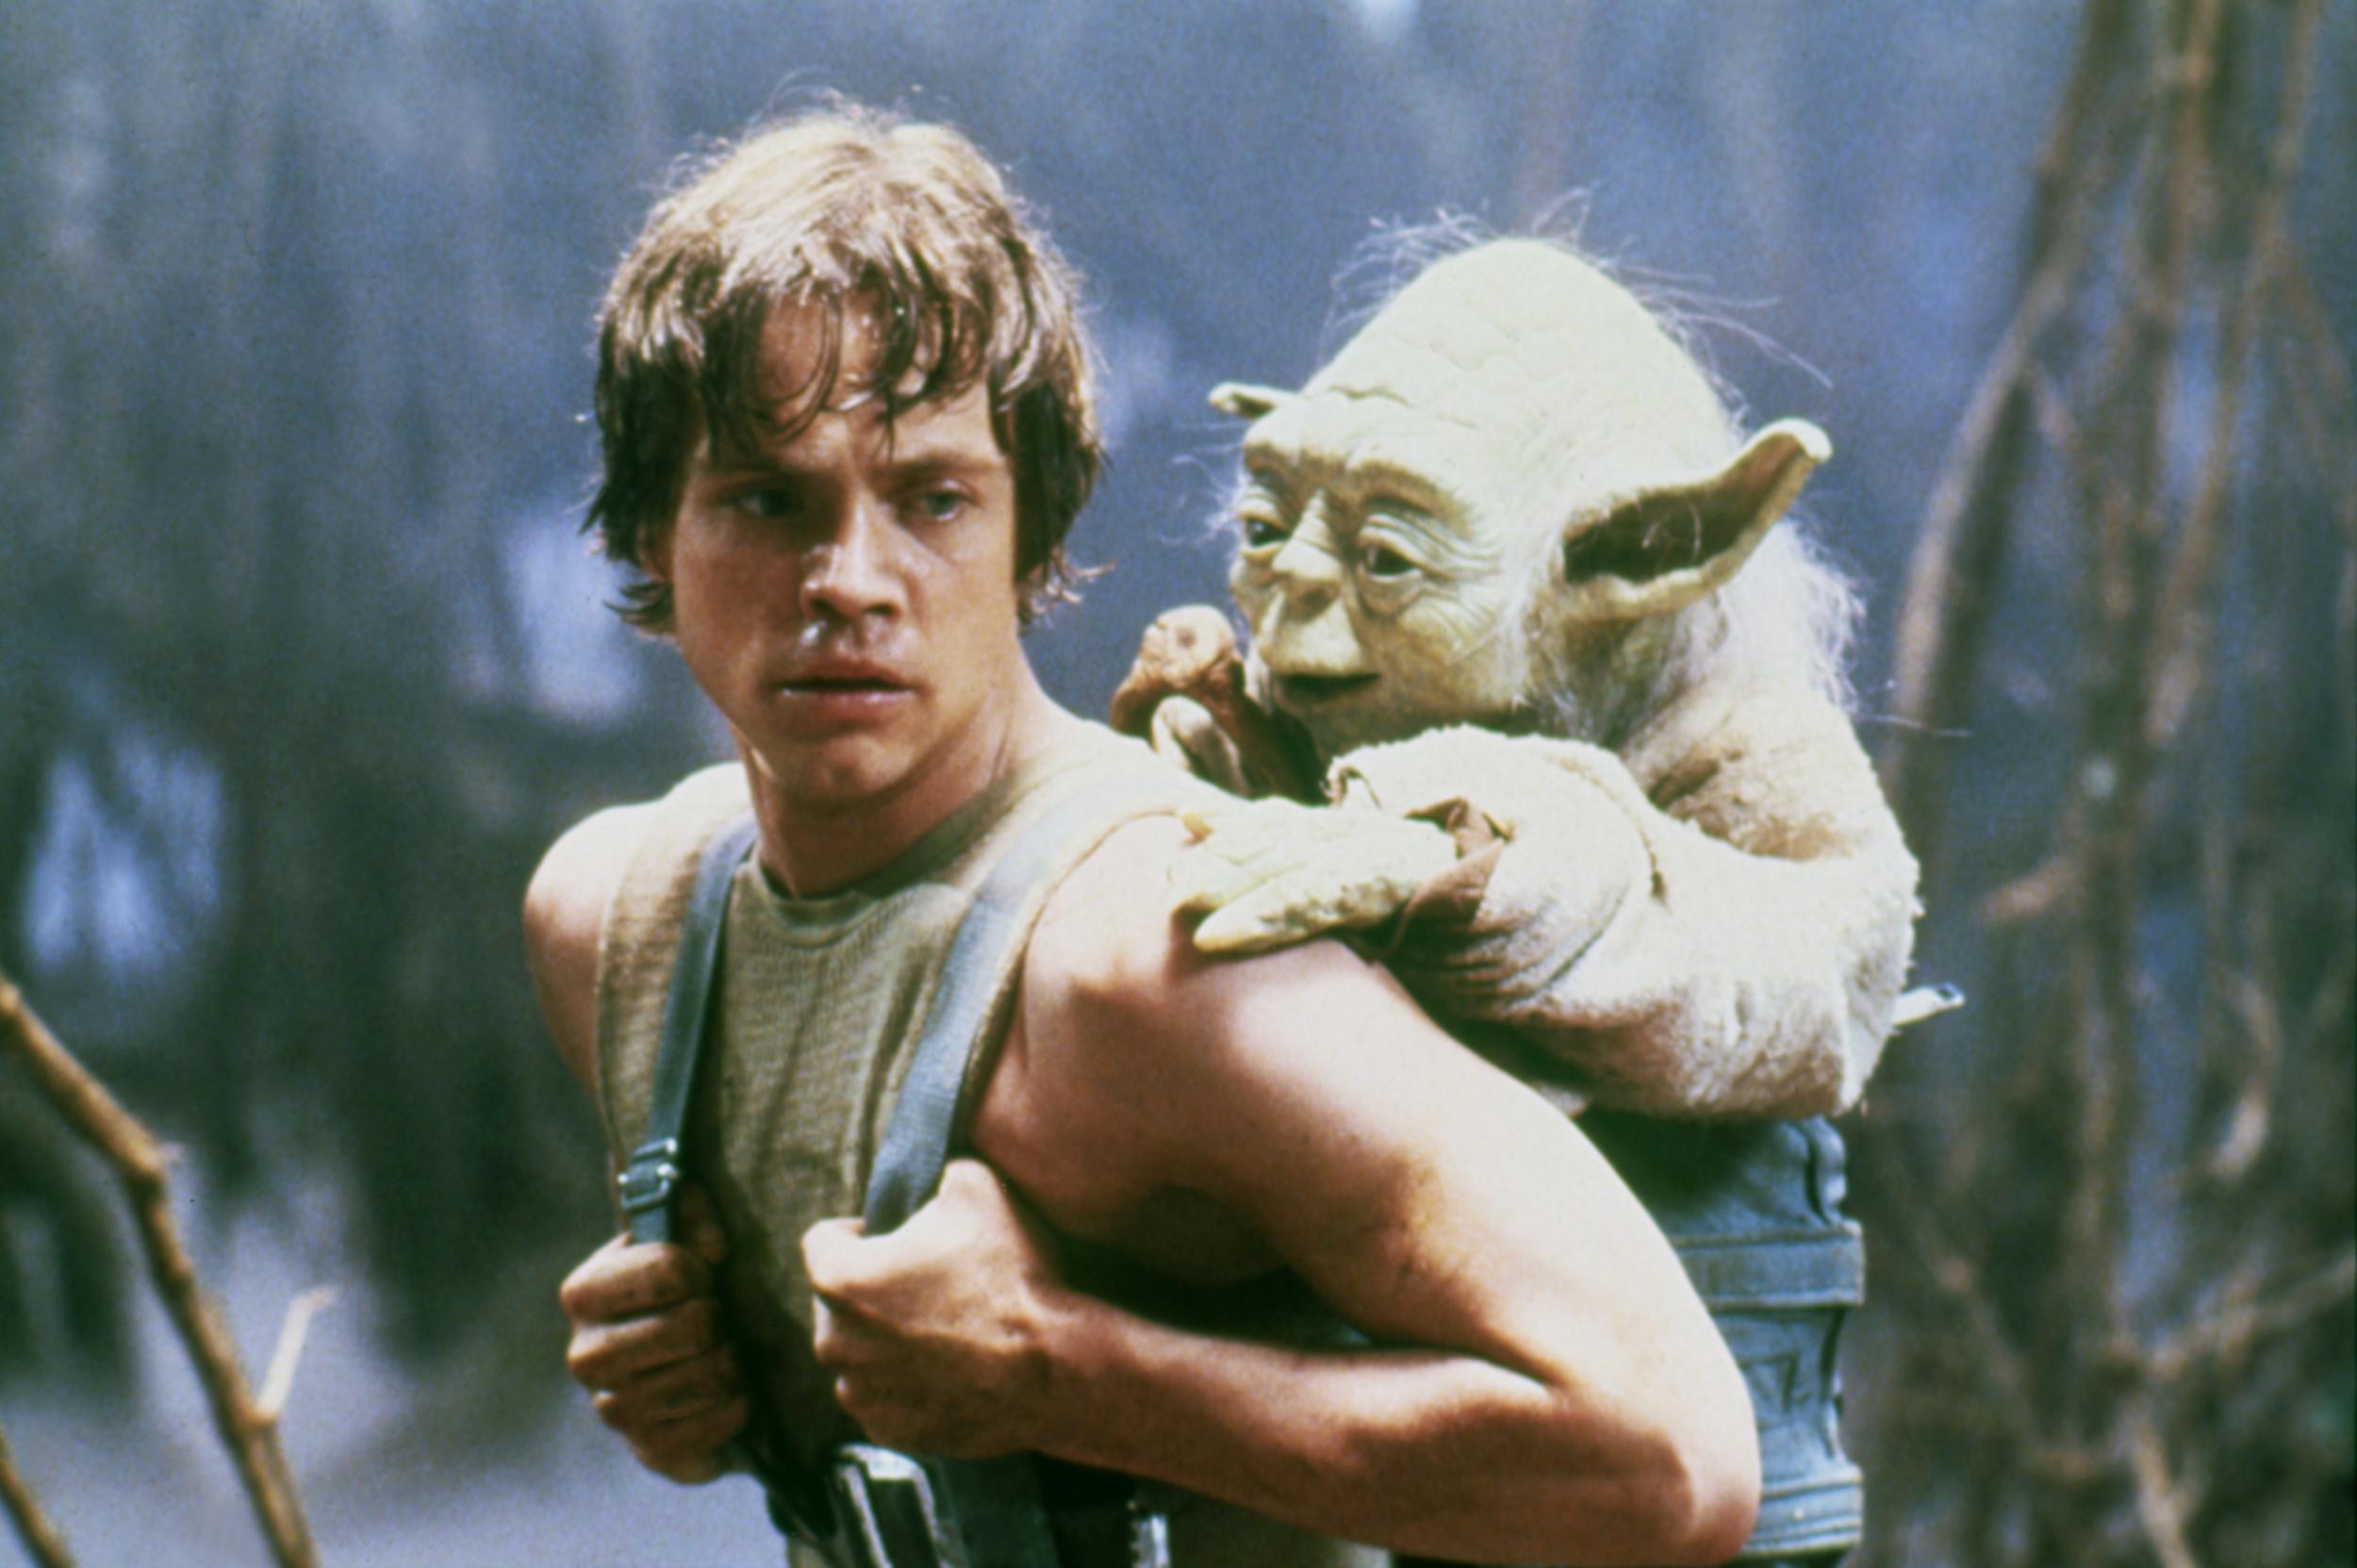 """Luke Skywalker (Mark Hamill) left and Yoda (Frank Oz) right in """"Star Wars: Episode V - The Empire Strikes Back"""" (1980)"""